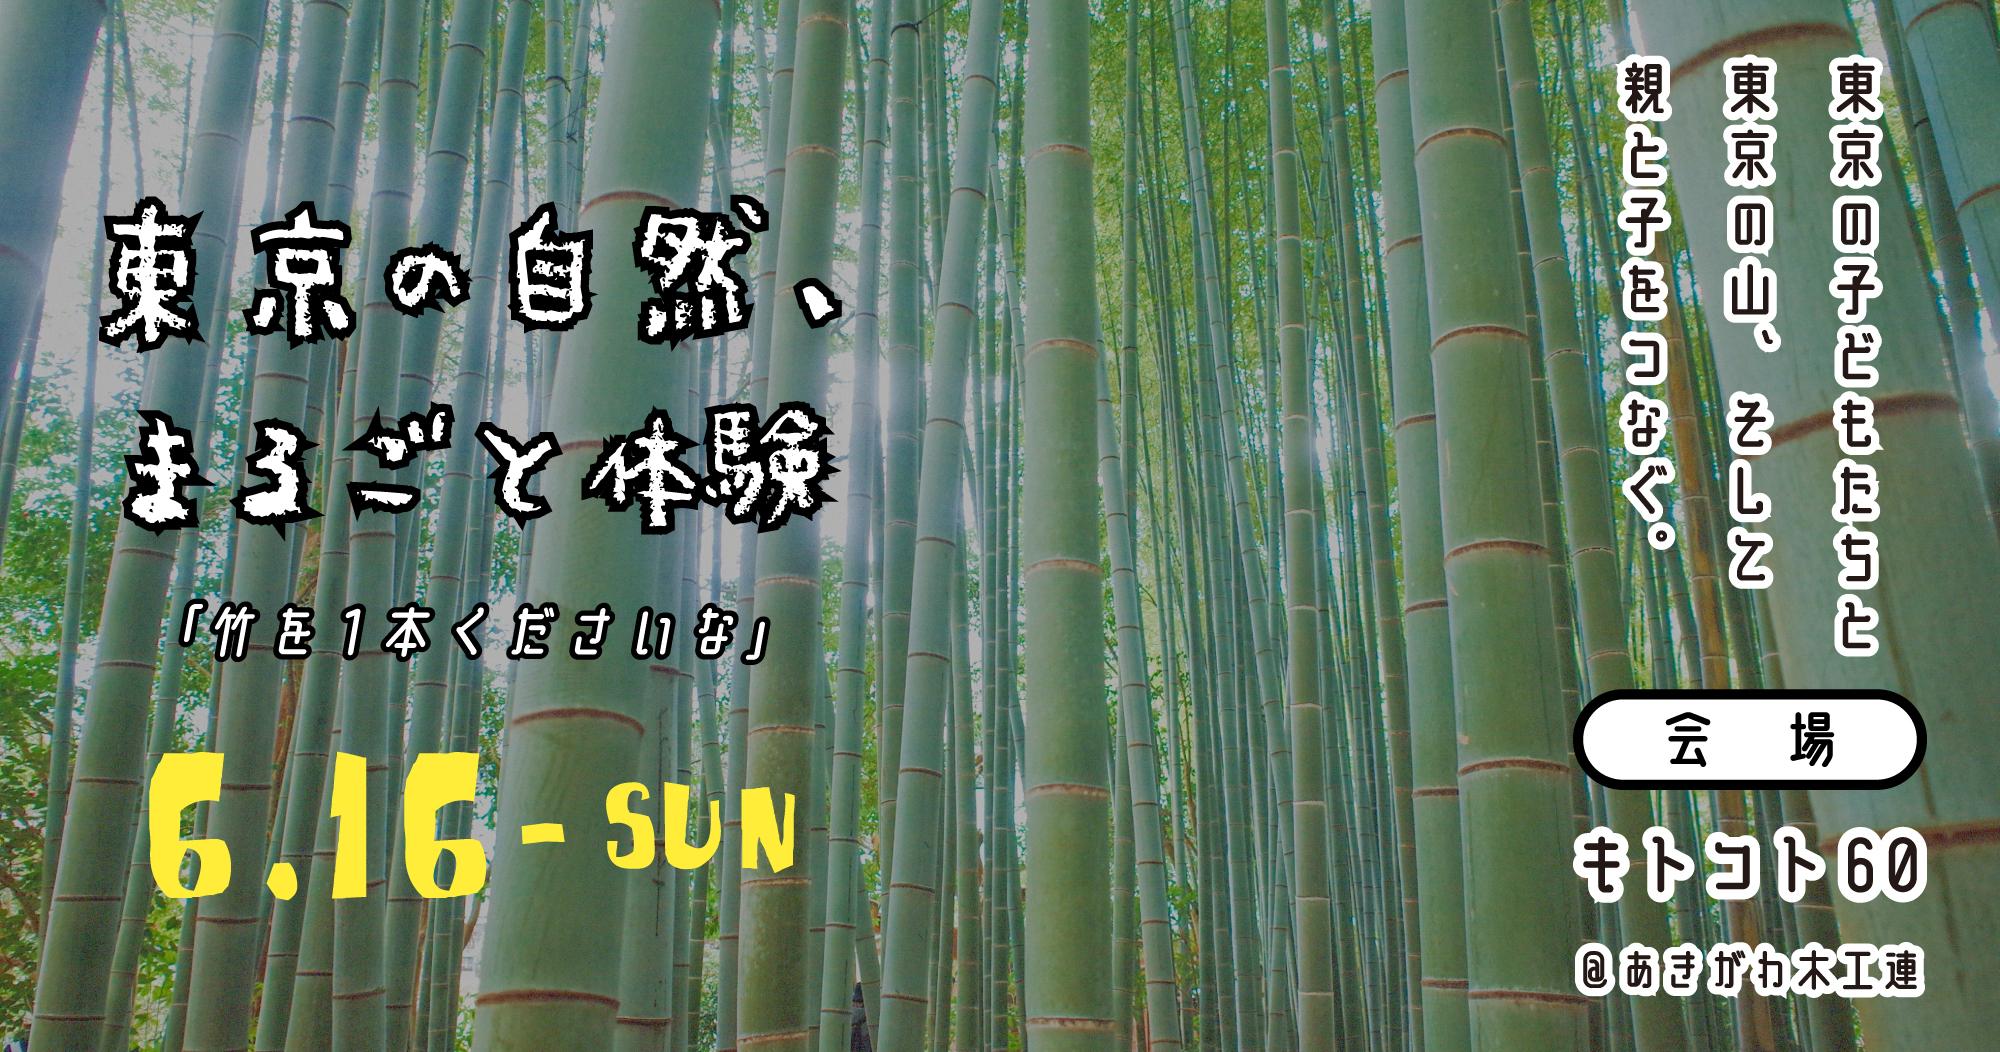 イベント情報:6/16 キトコト少年団 〜竹を1本くださいな〜